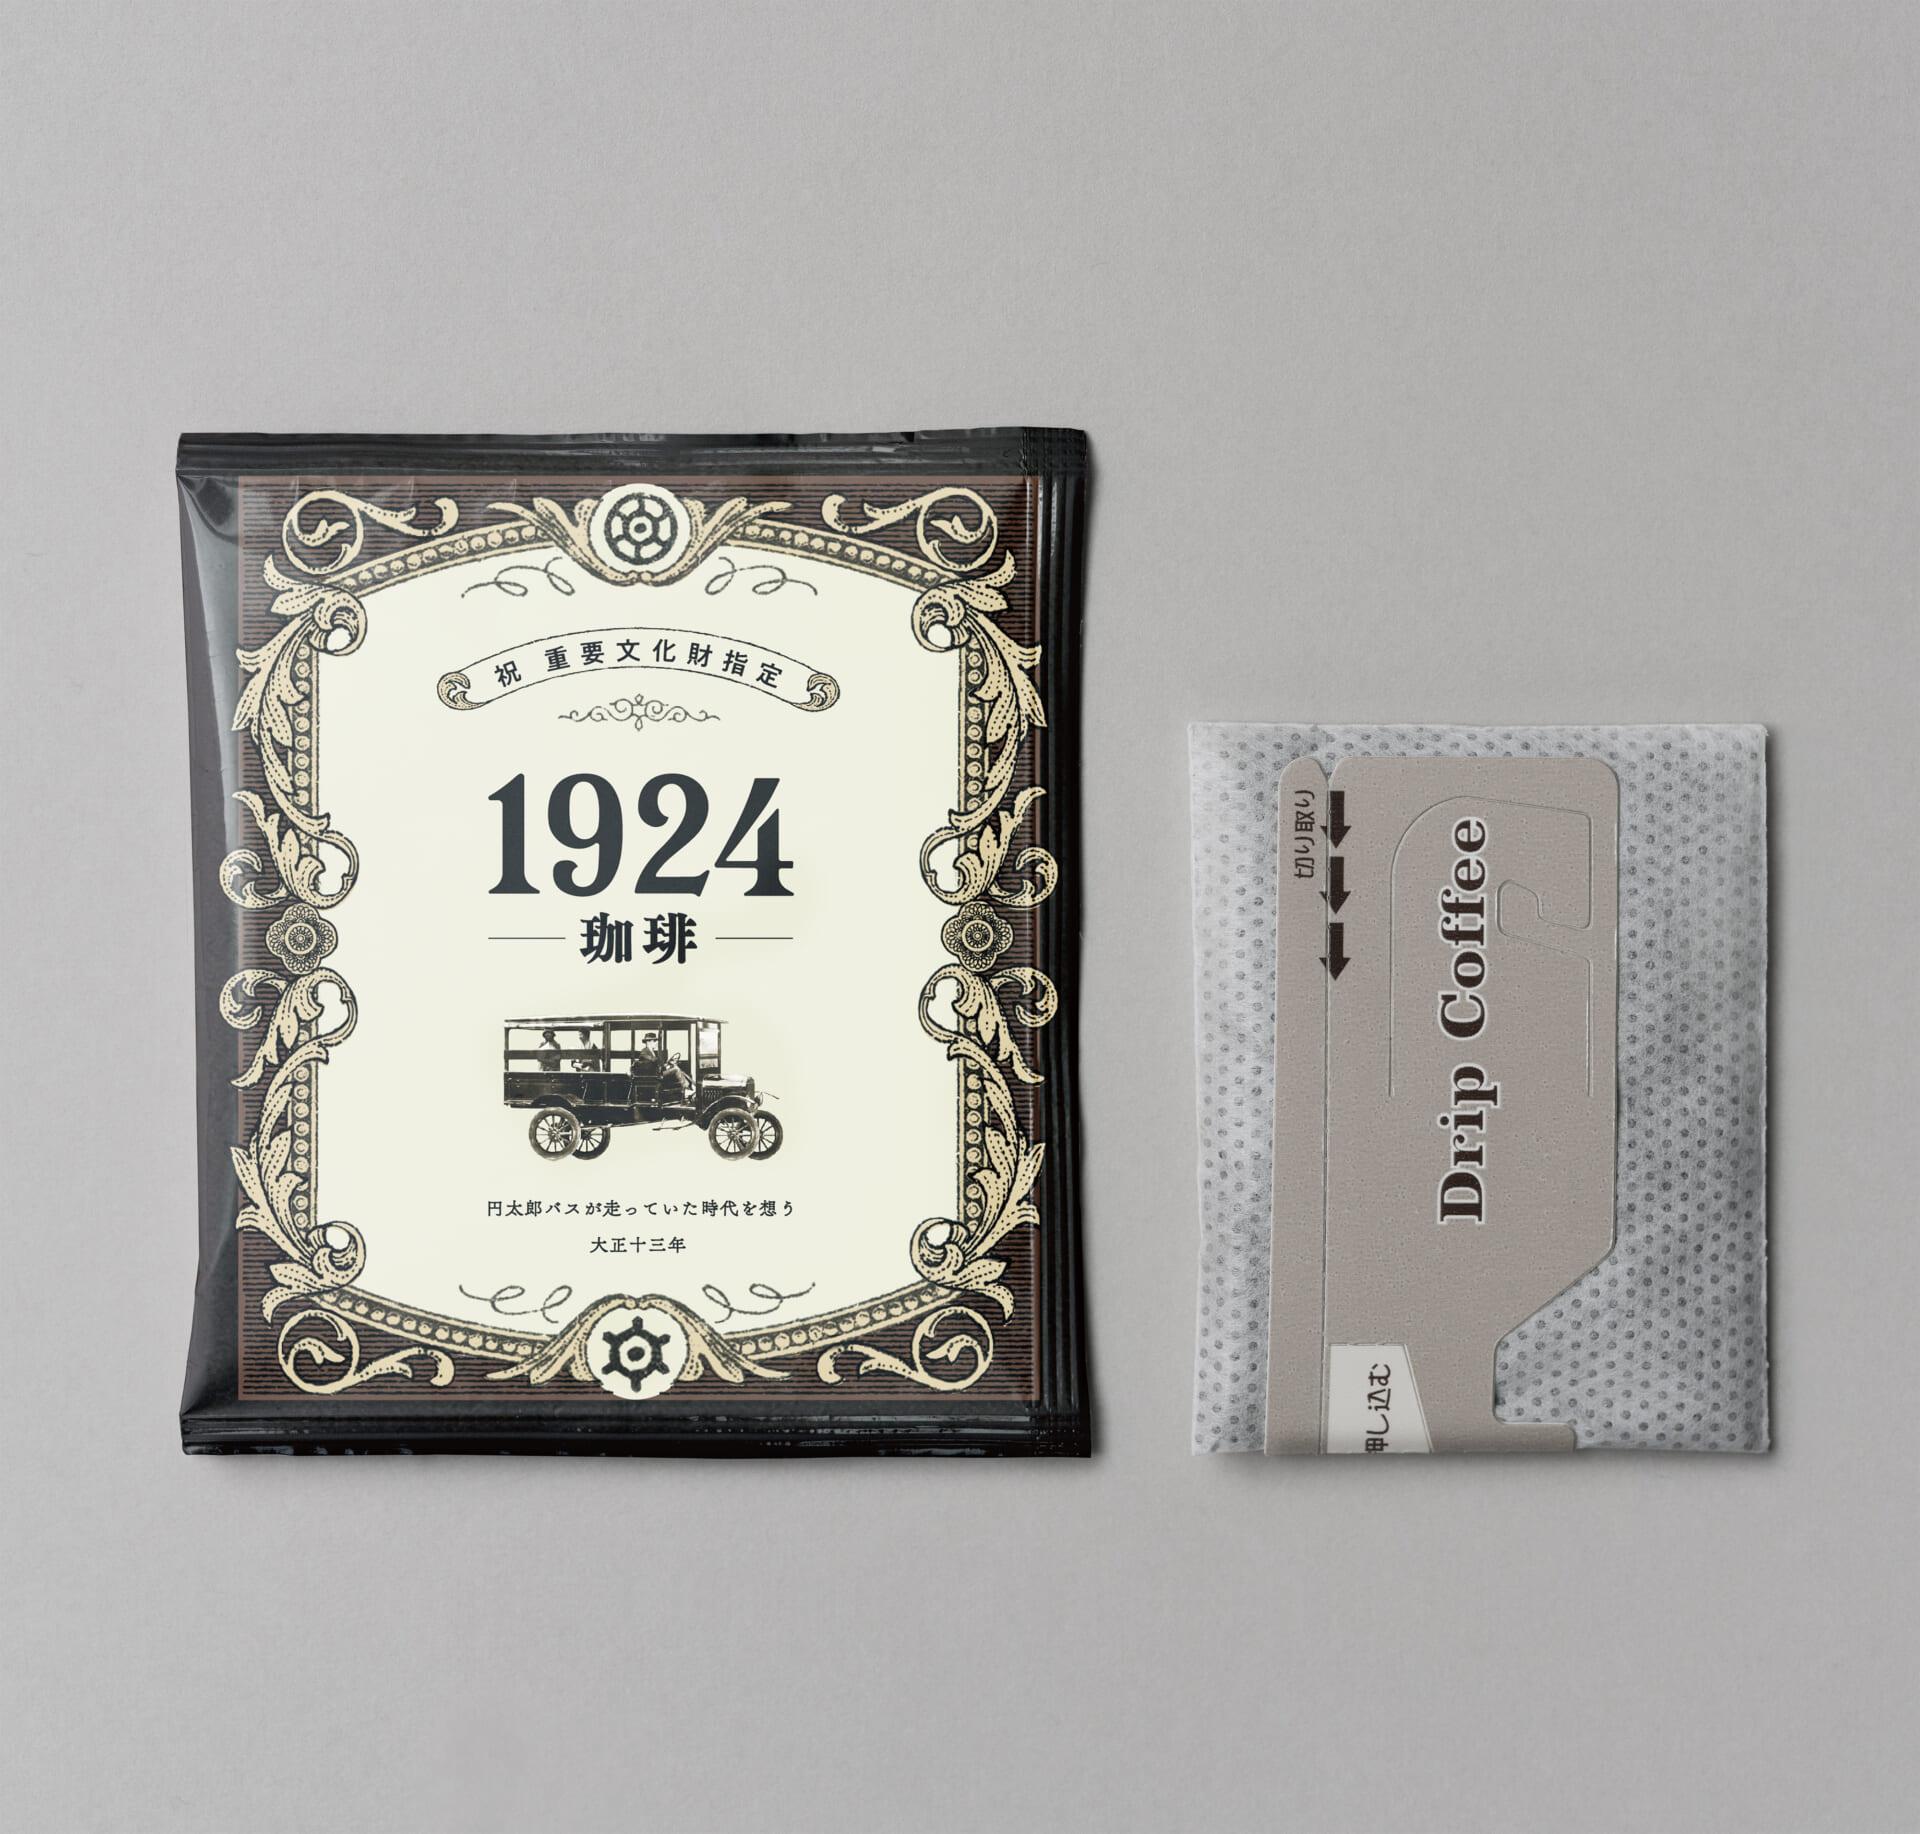 『円太郎バス』はご存じ?抽選でオリジナルコーヒーが当たるキャンペーンクイズに挑戦しよう!